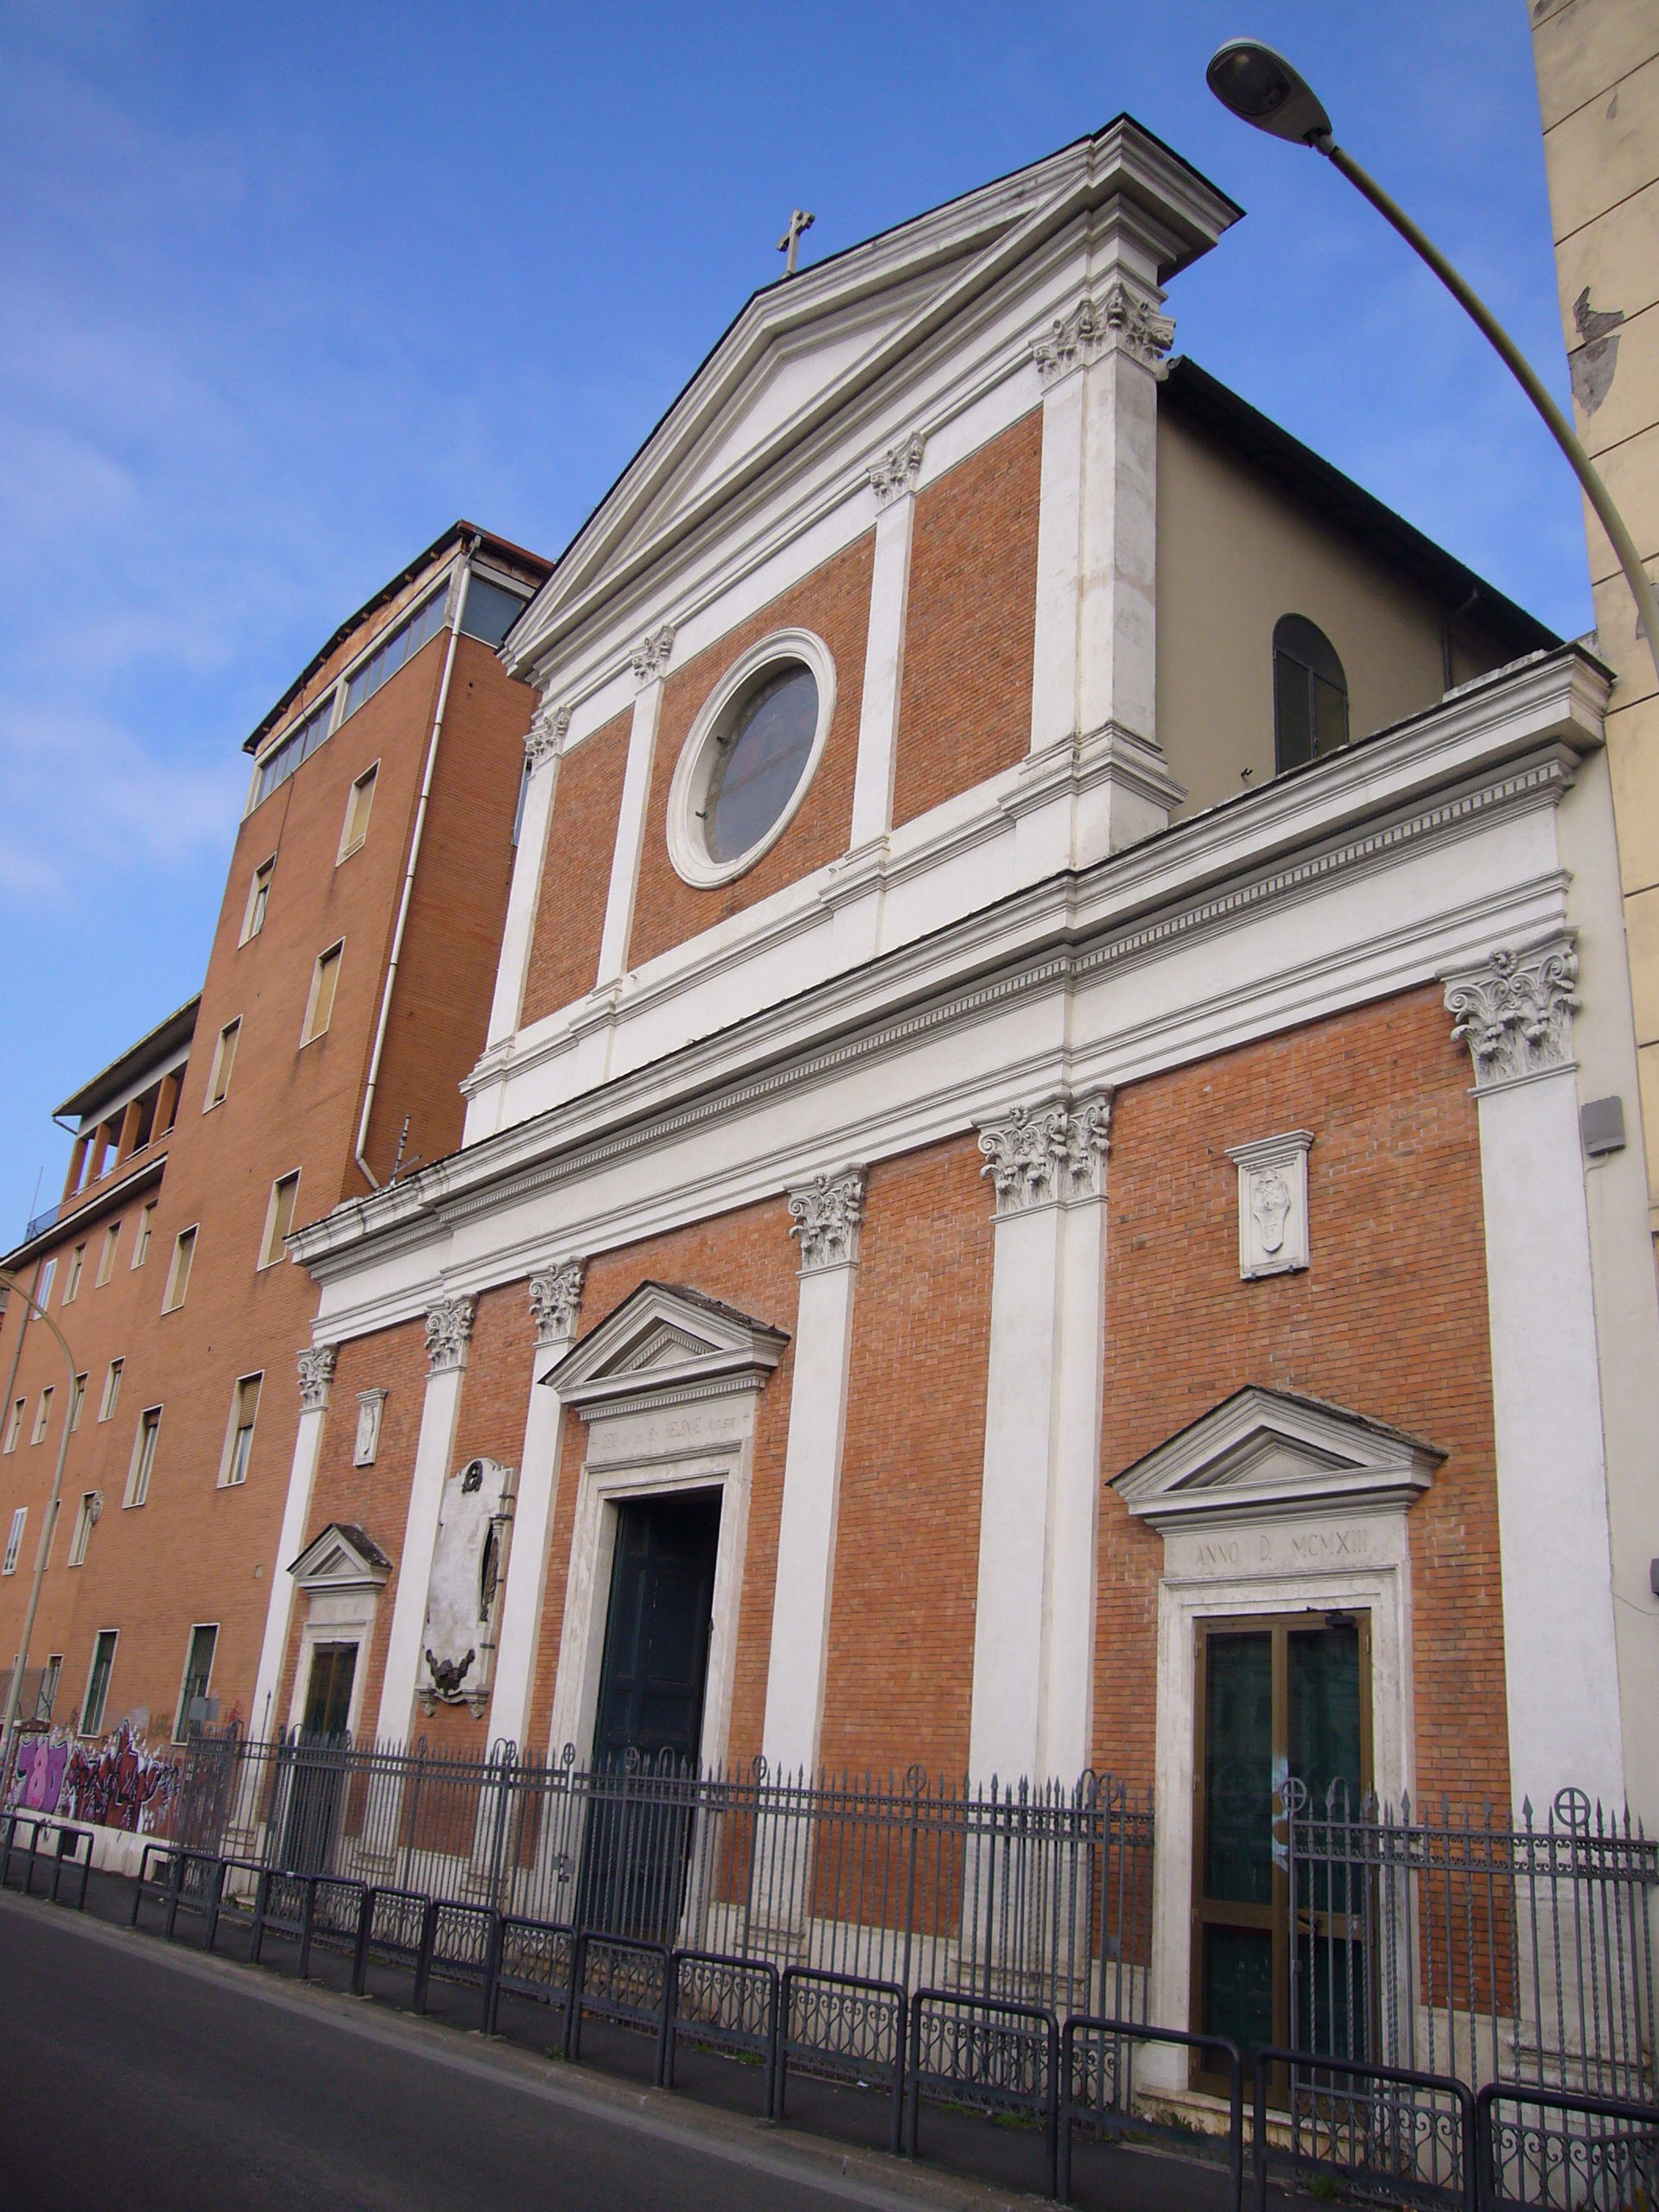 Pigneto wikipedia - Via di porta maggiore 51 roma ...